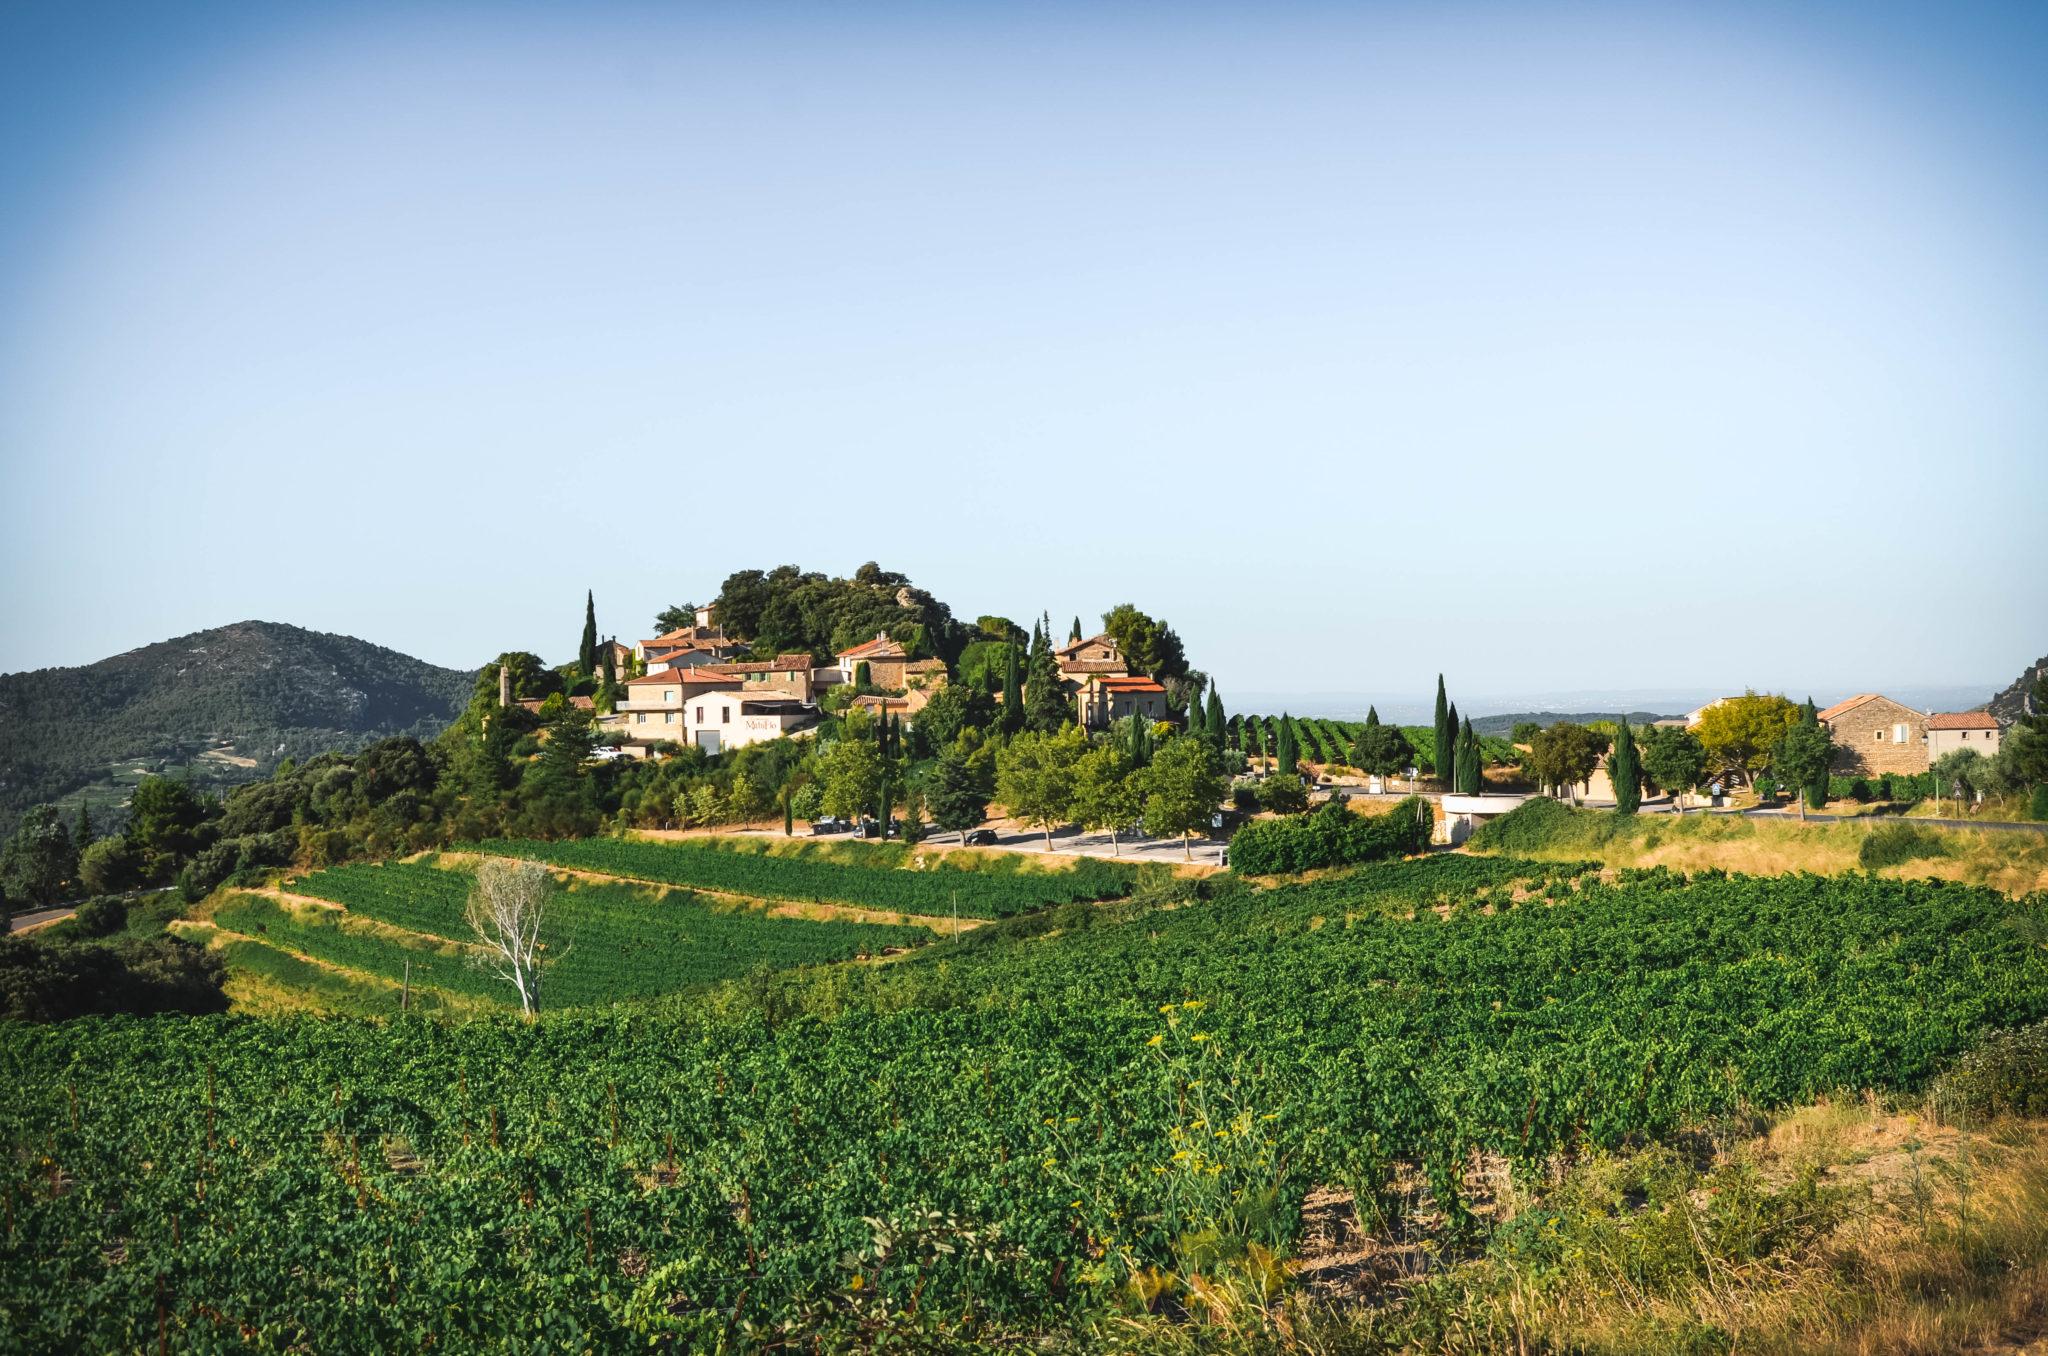 Village de Suzette Vaucluse Provence